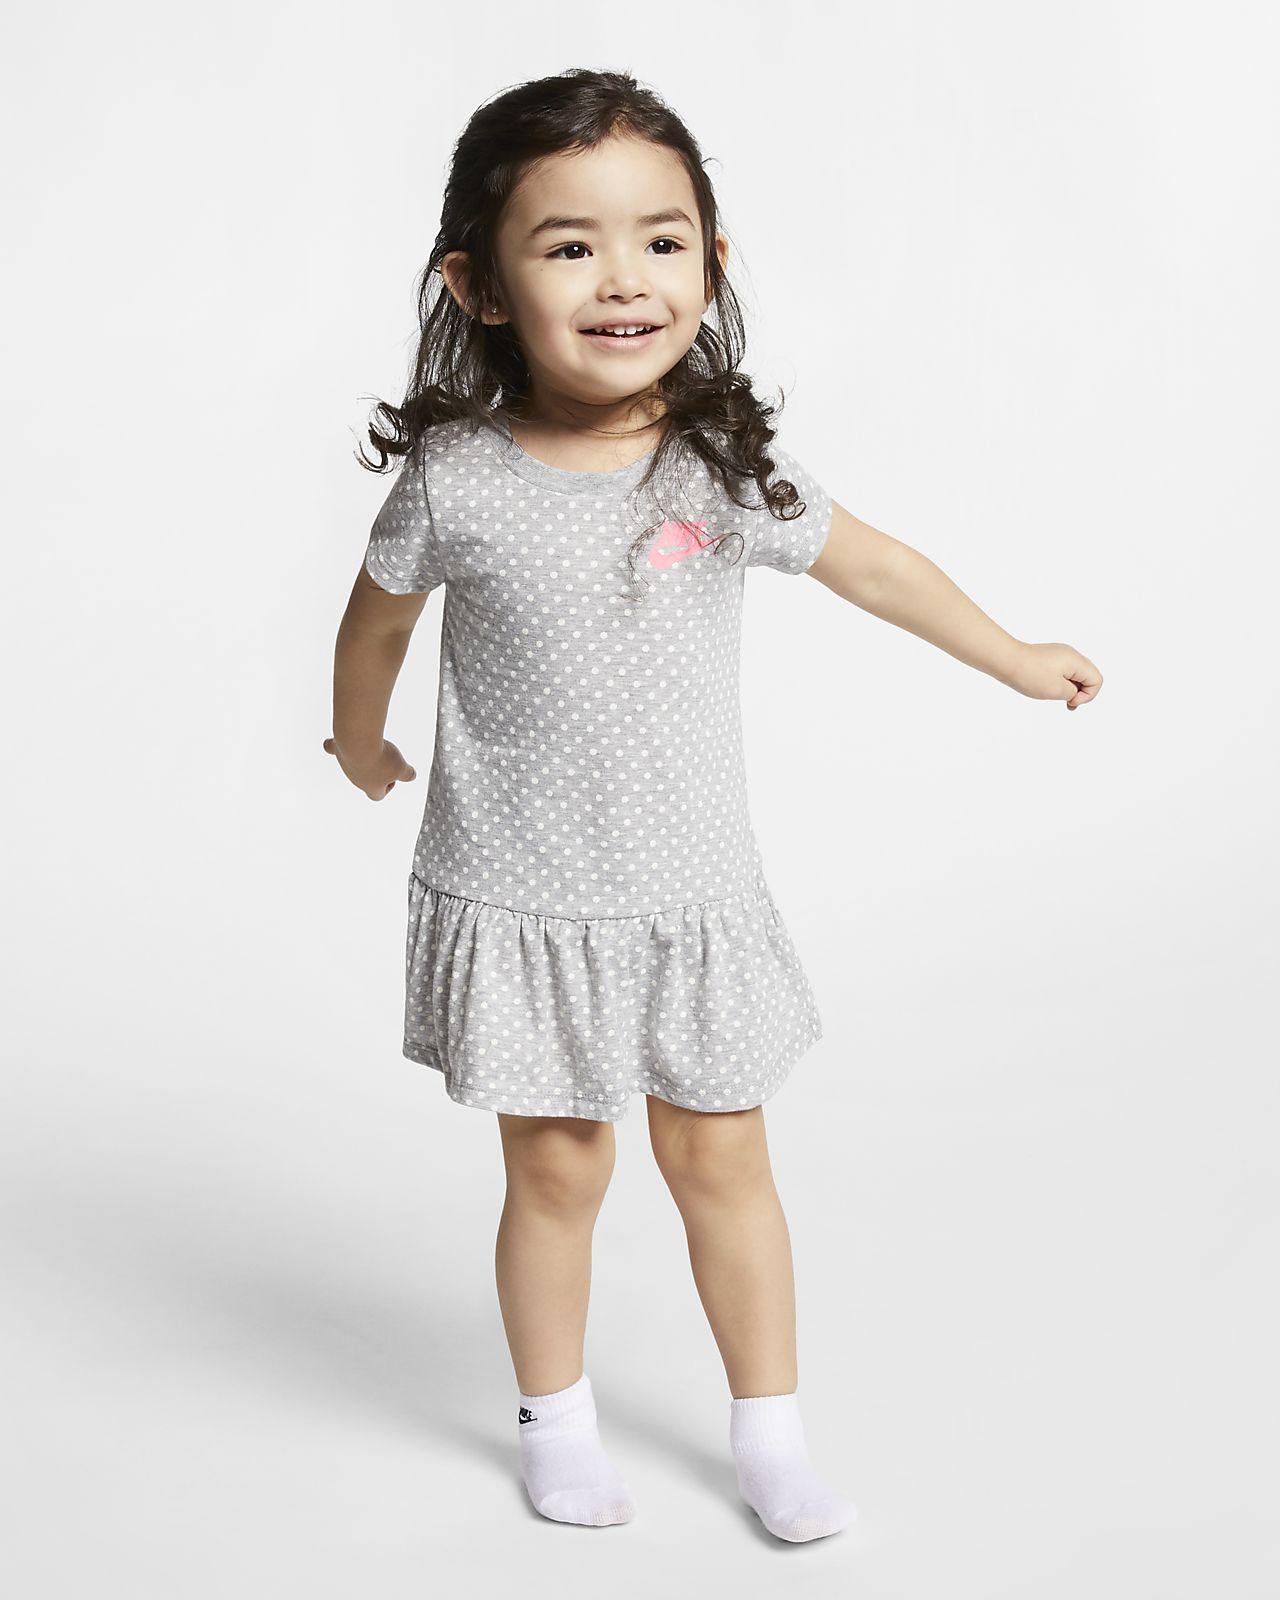 Klänning Nike Sportswear (12-24 mån) för baby